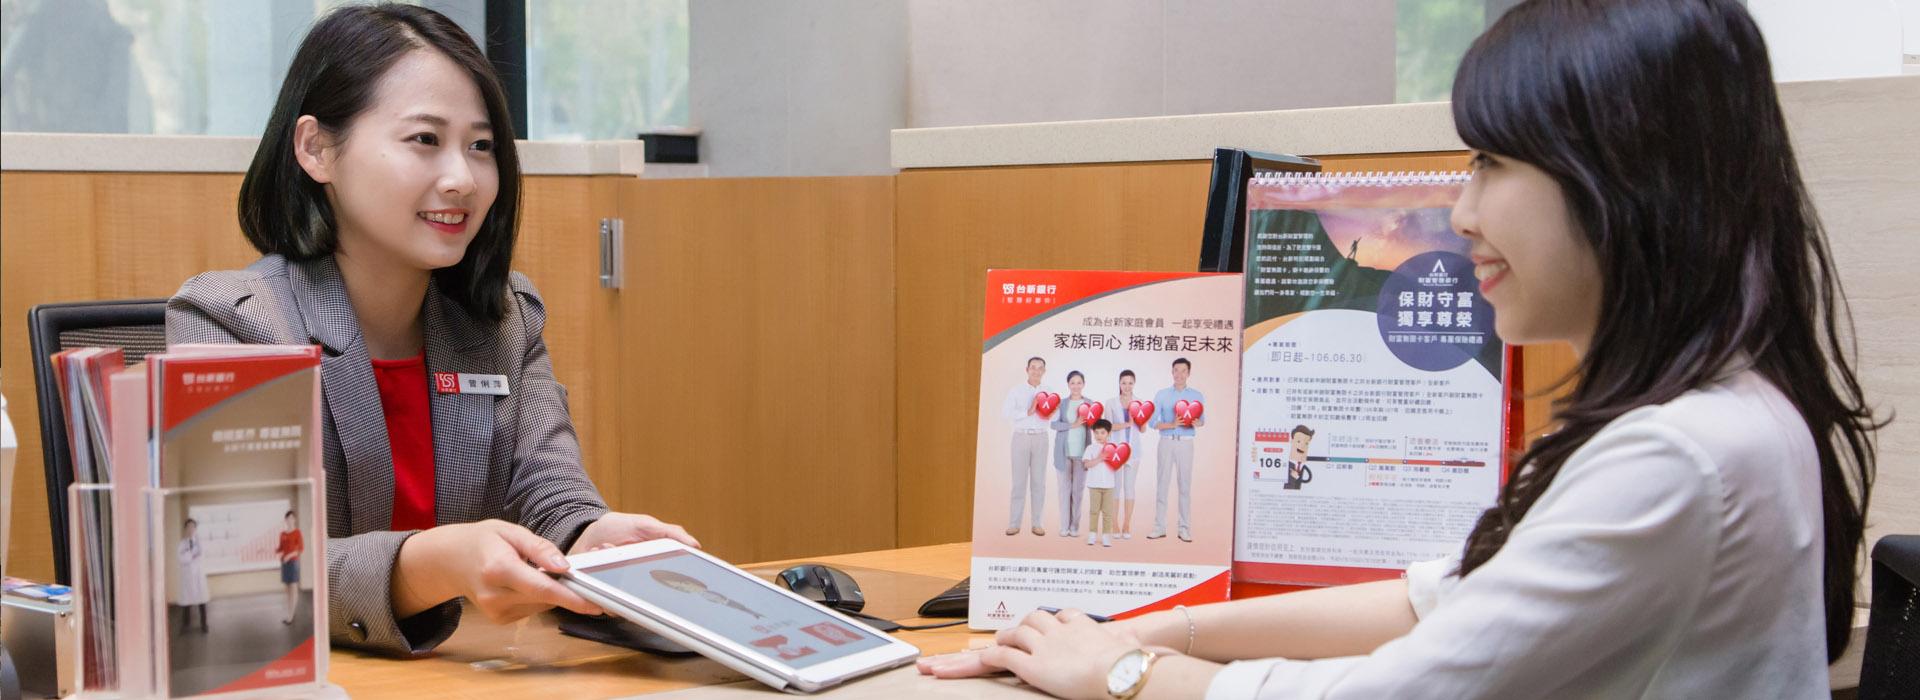 台新銀行布局大數據技術 打造個人化服務